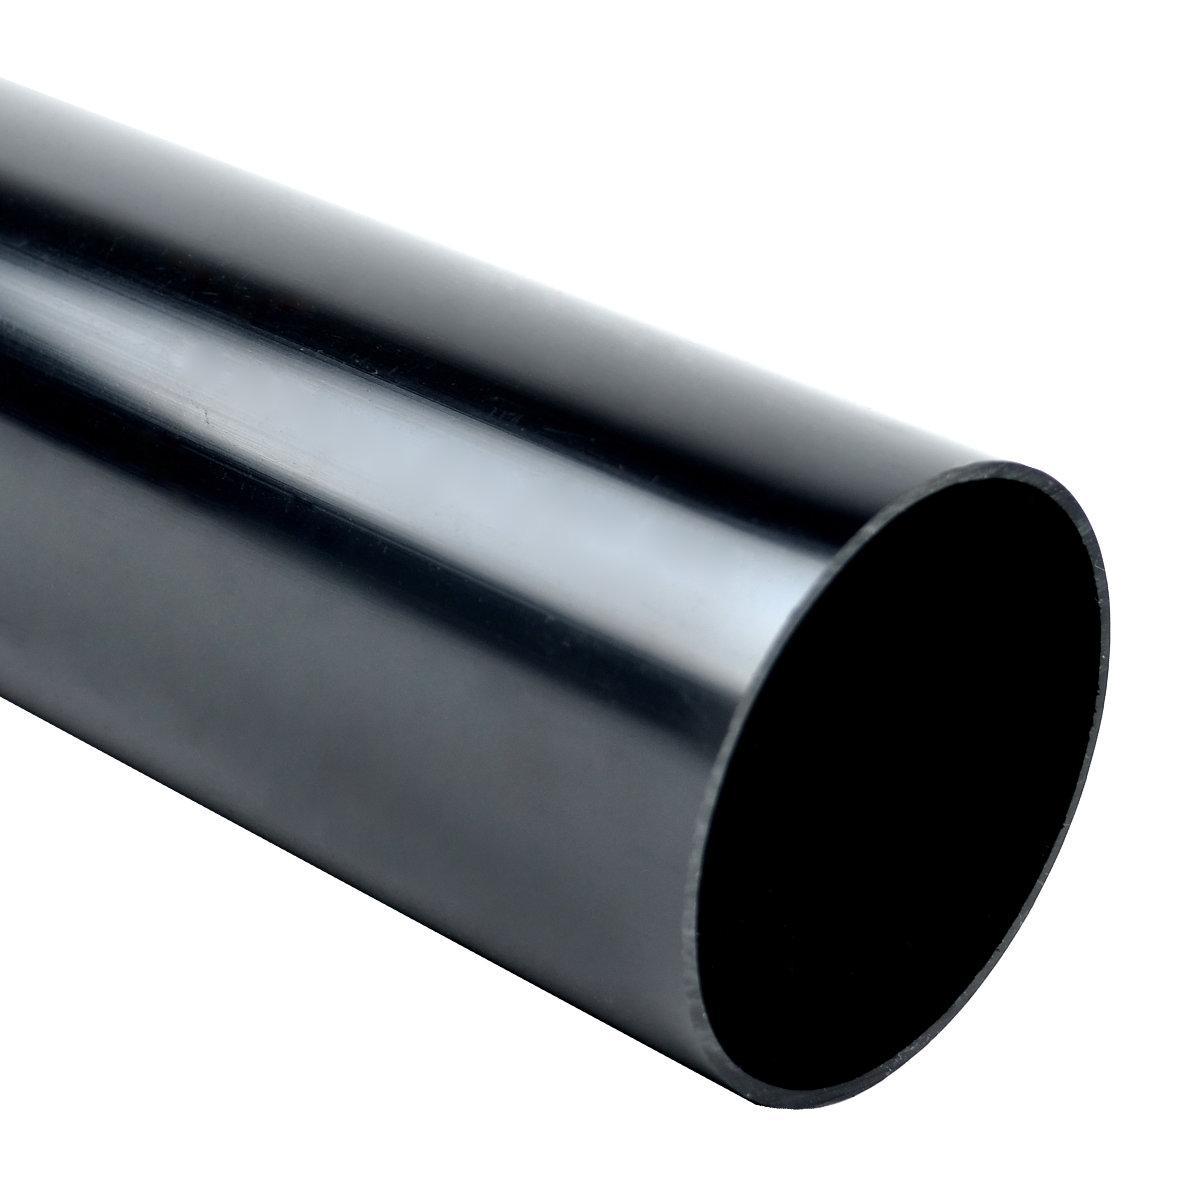 Труба жорстка 320 N/5см з раструбом для з'єднання; Ø63ммУФ-стійкі; полікарбонат; безгалогенна; t застосування -45-90 °с; чорна; Упаковка 15 шт